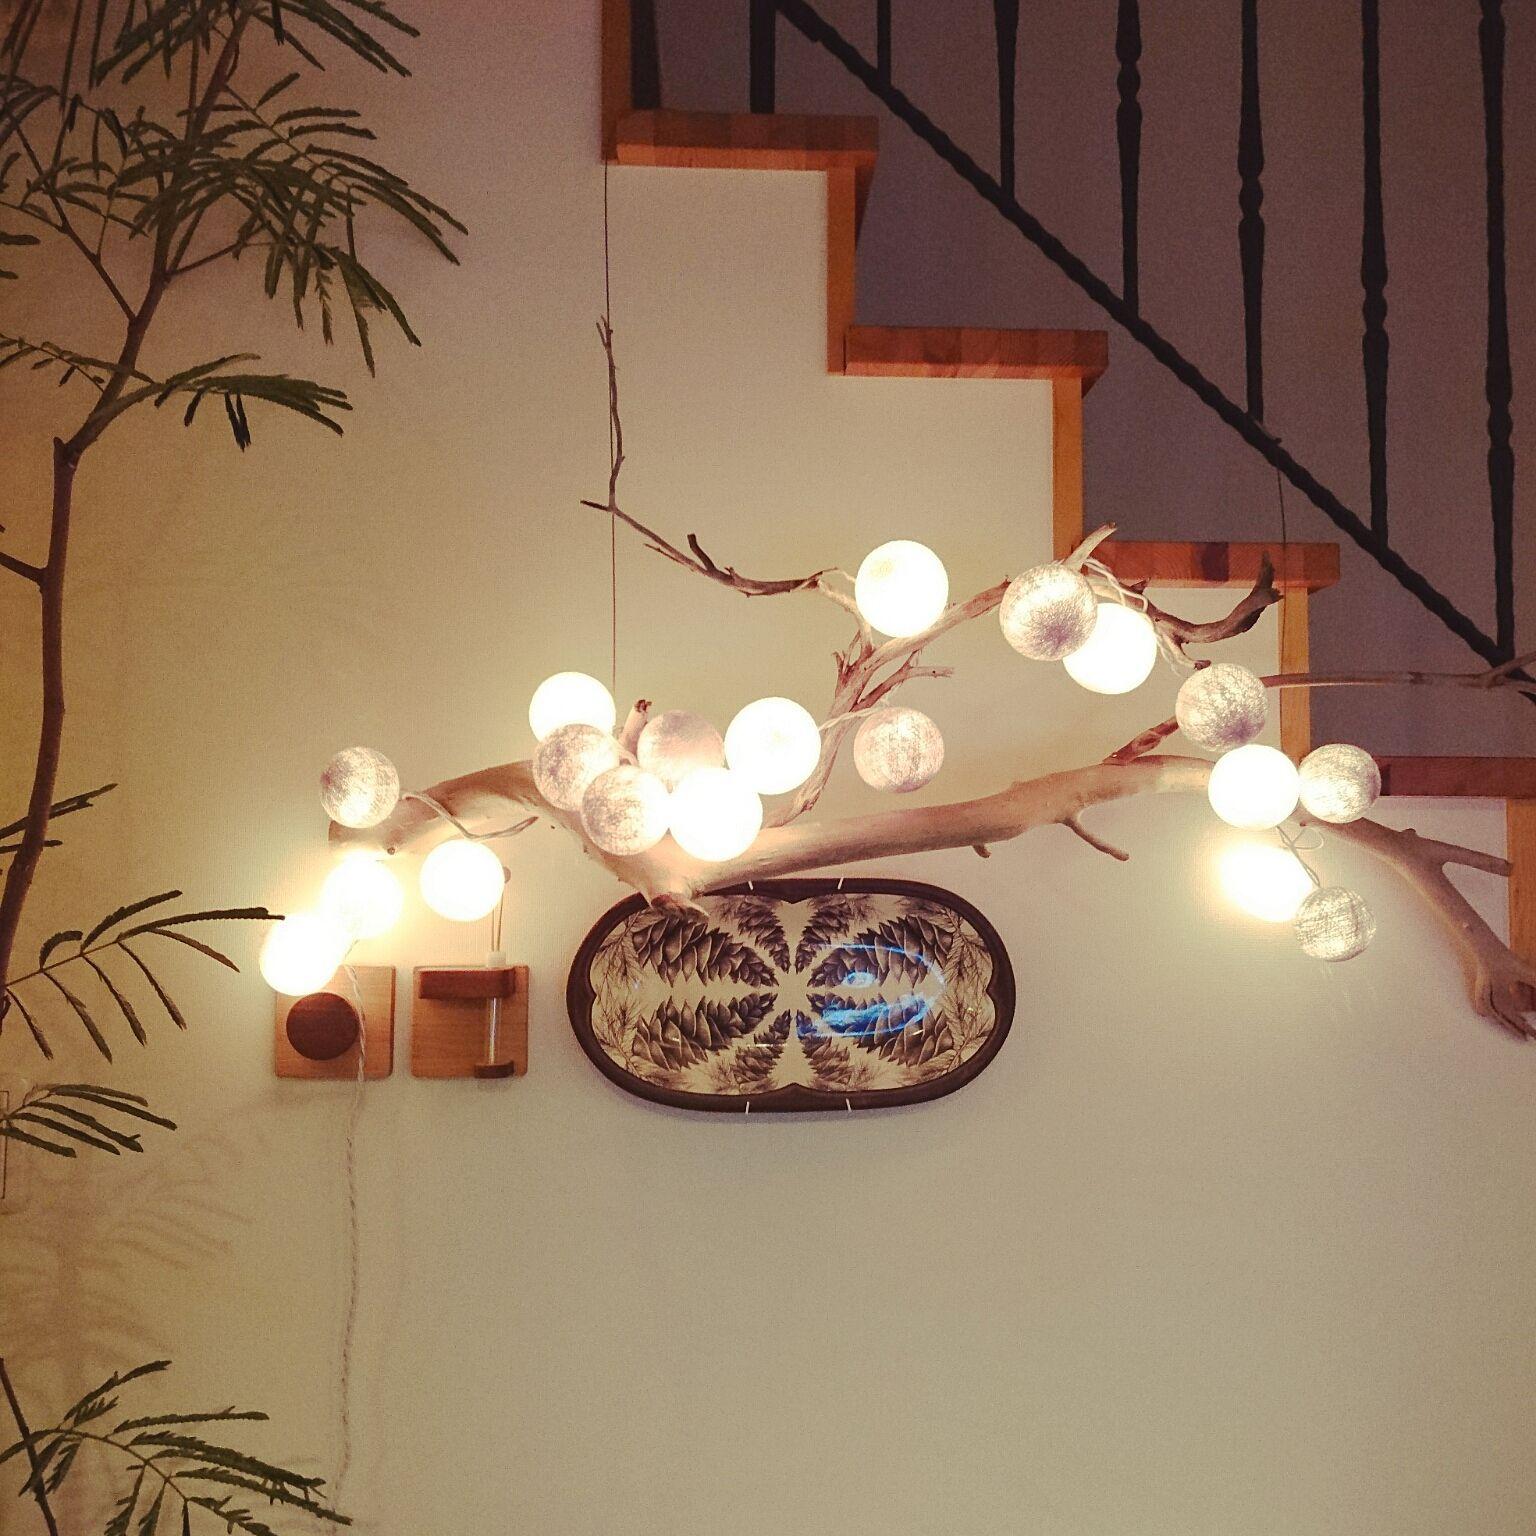 リビング Diy ライト照明 流木オブジェ Youtubeチャンネルあります